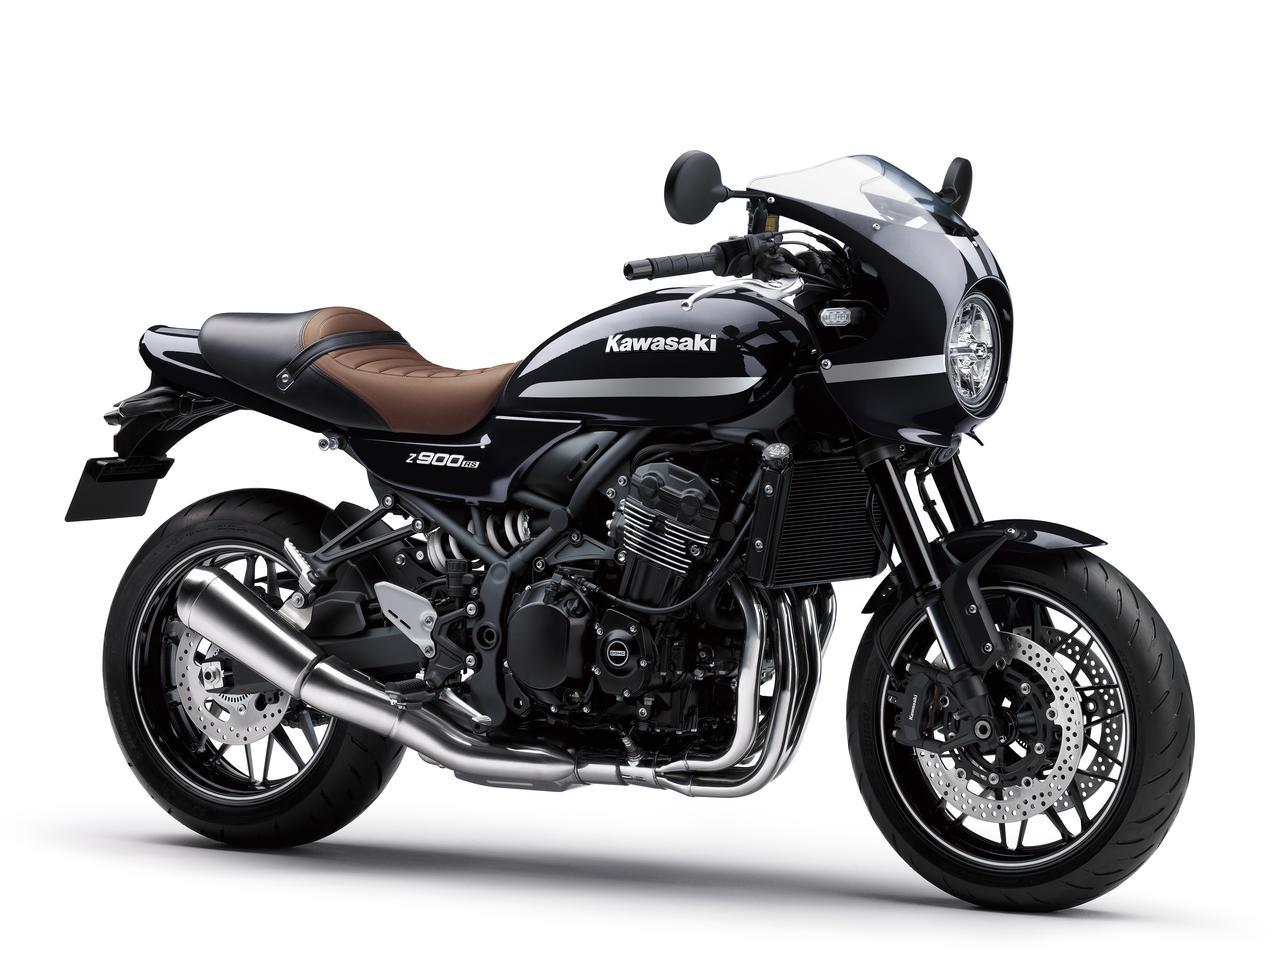 画像: Kawasaki Z900RS CAFE 2022年モデル 総排気量:948cc エンジン形式:水冷4ストDOHC4バルブ並列4気筒 シート高:820mm 車両重量:217kg